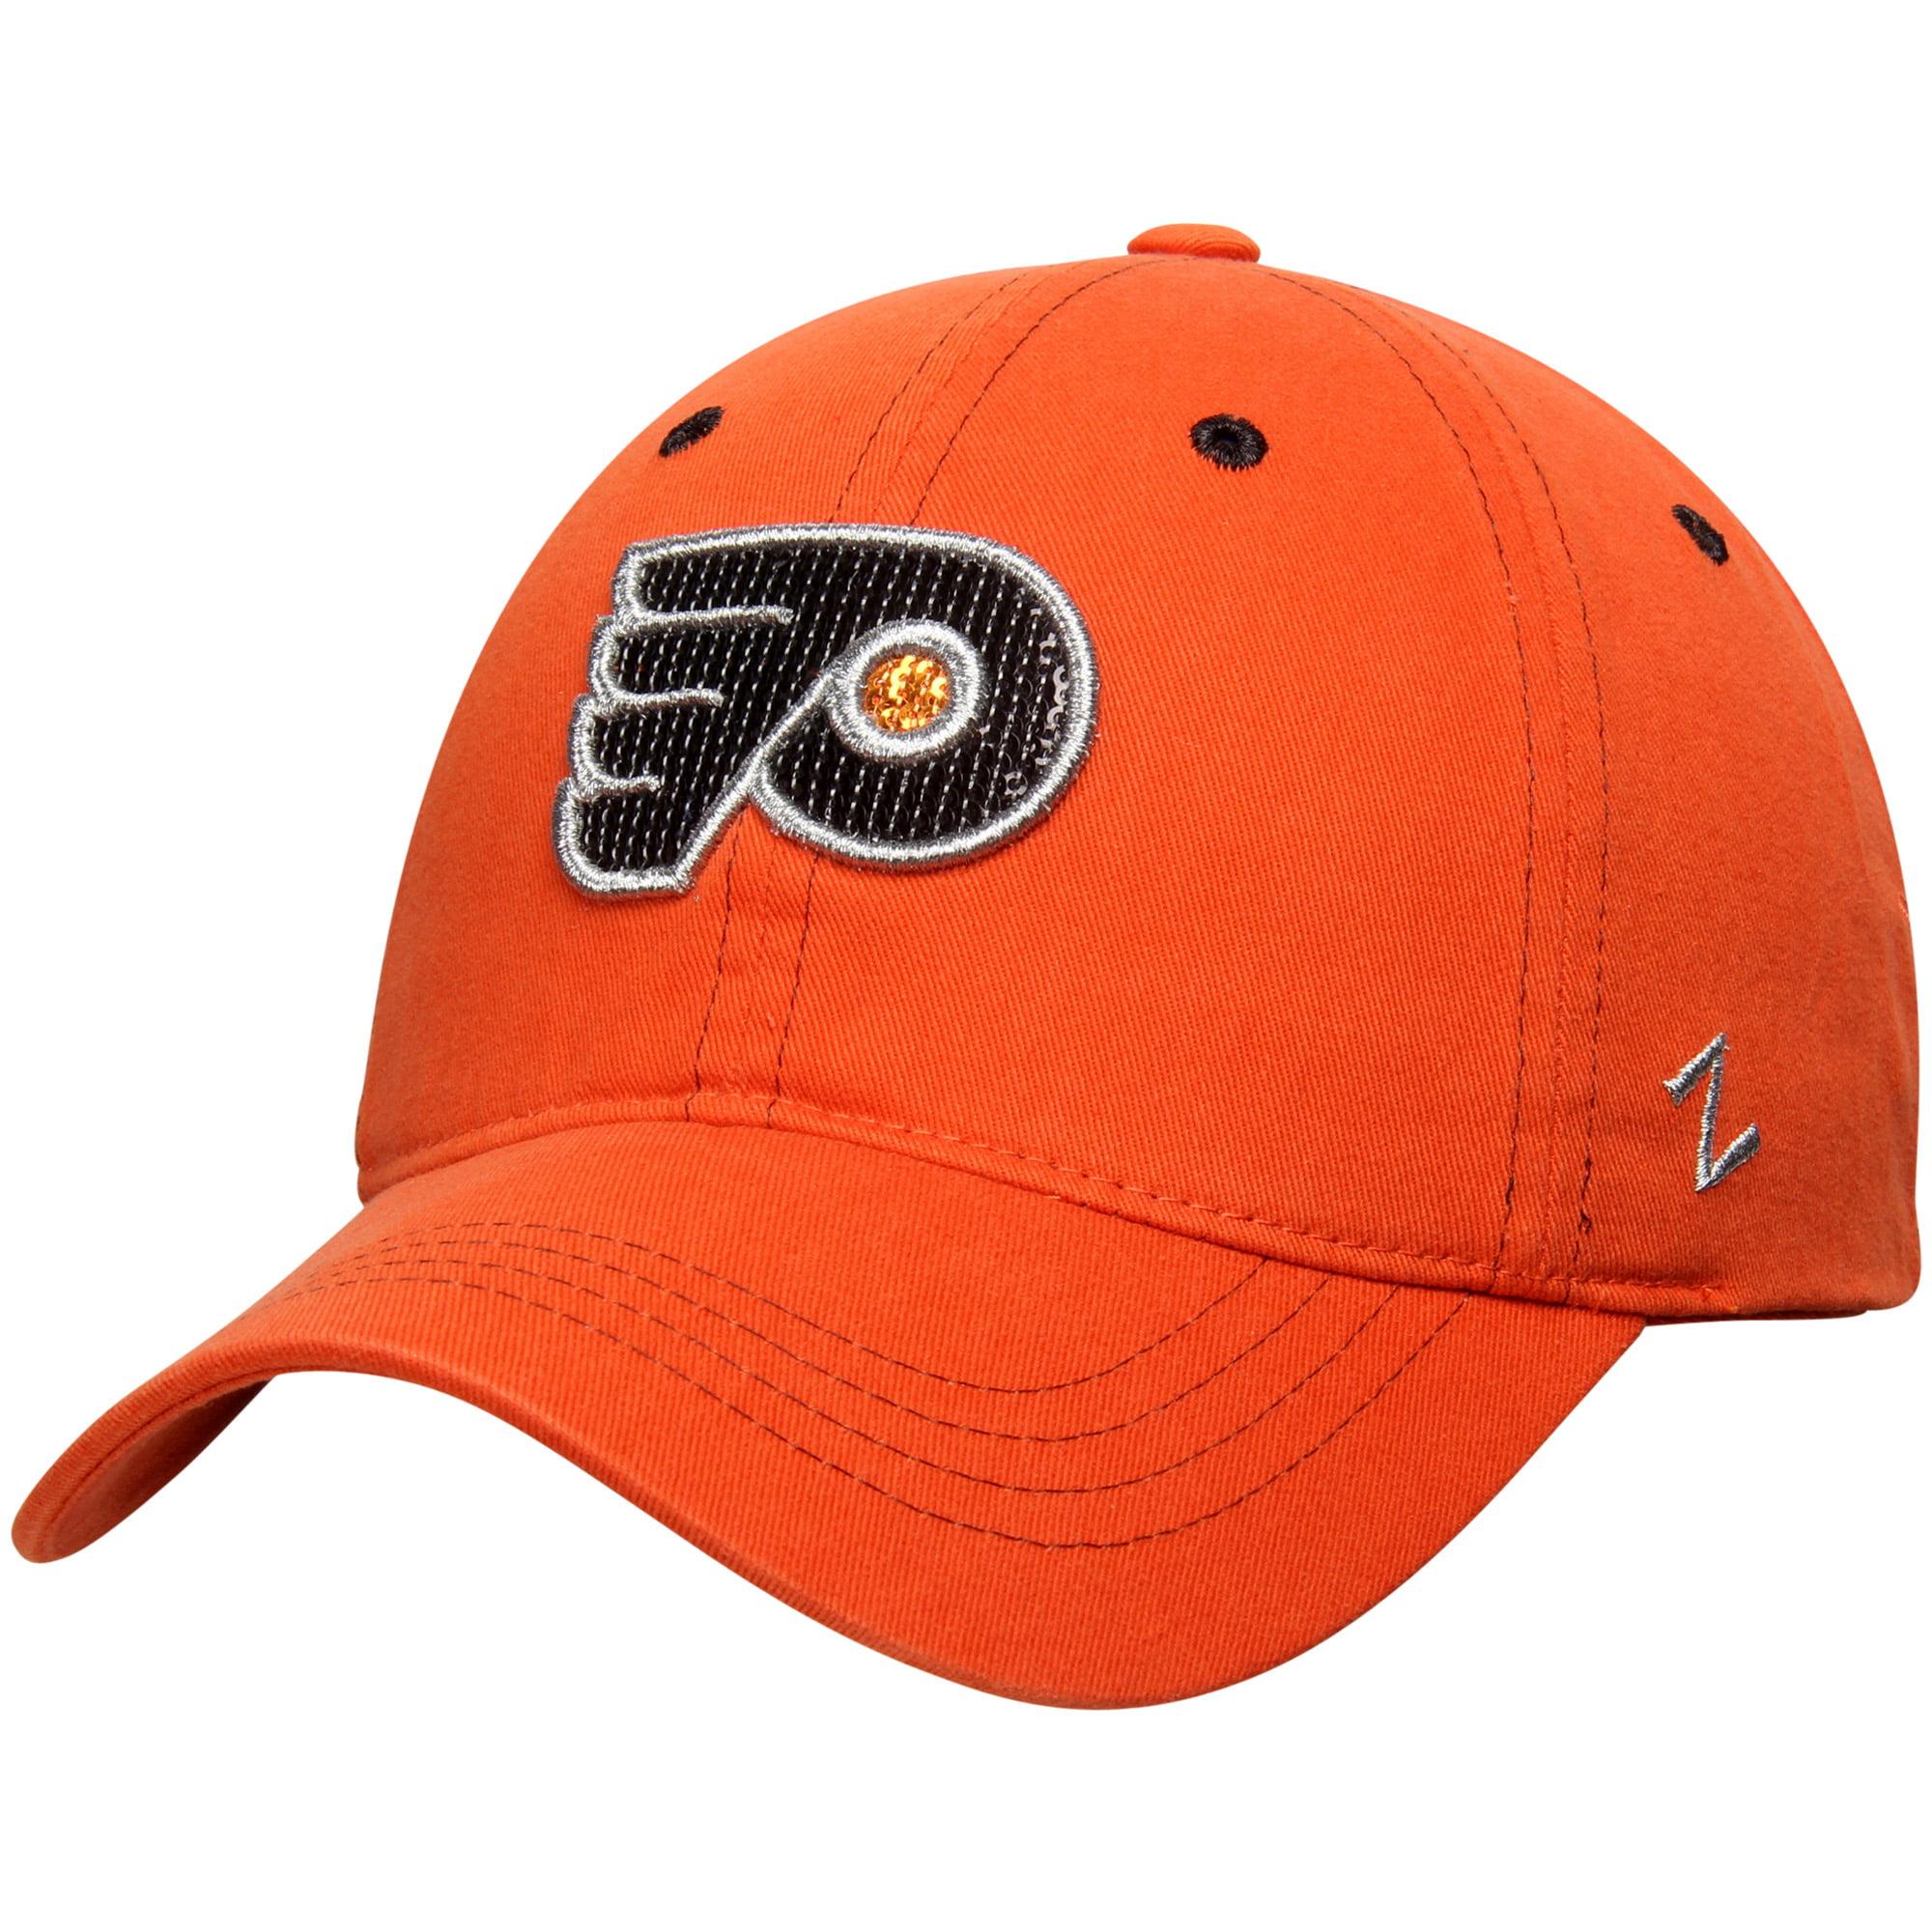 Philadelphia Flyers Zephyr Women's Relish Adjustable Hat - Orange - OSFA